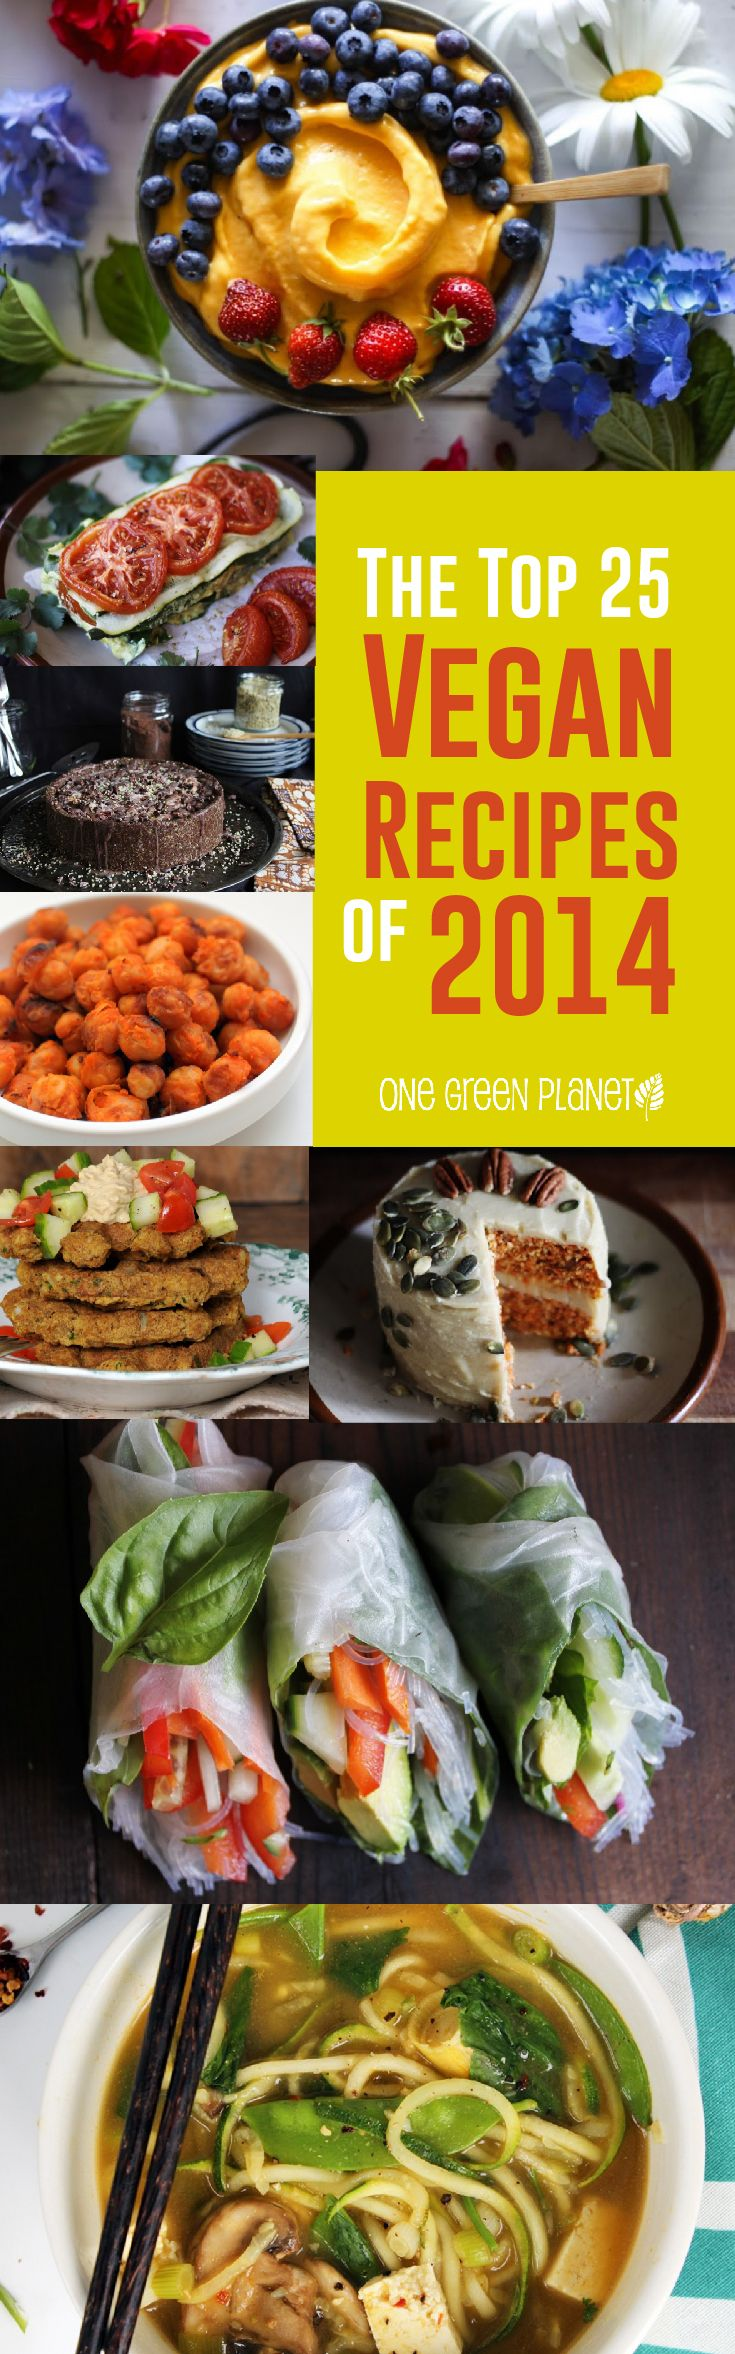 THE BEST! http://onegr.pl/1HZvkC5 #vegan #vegetarian #recipes